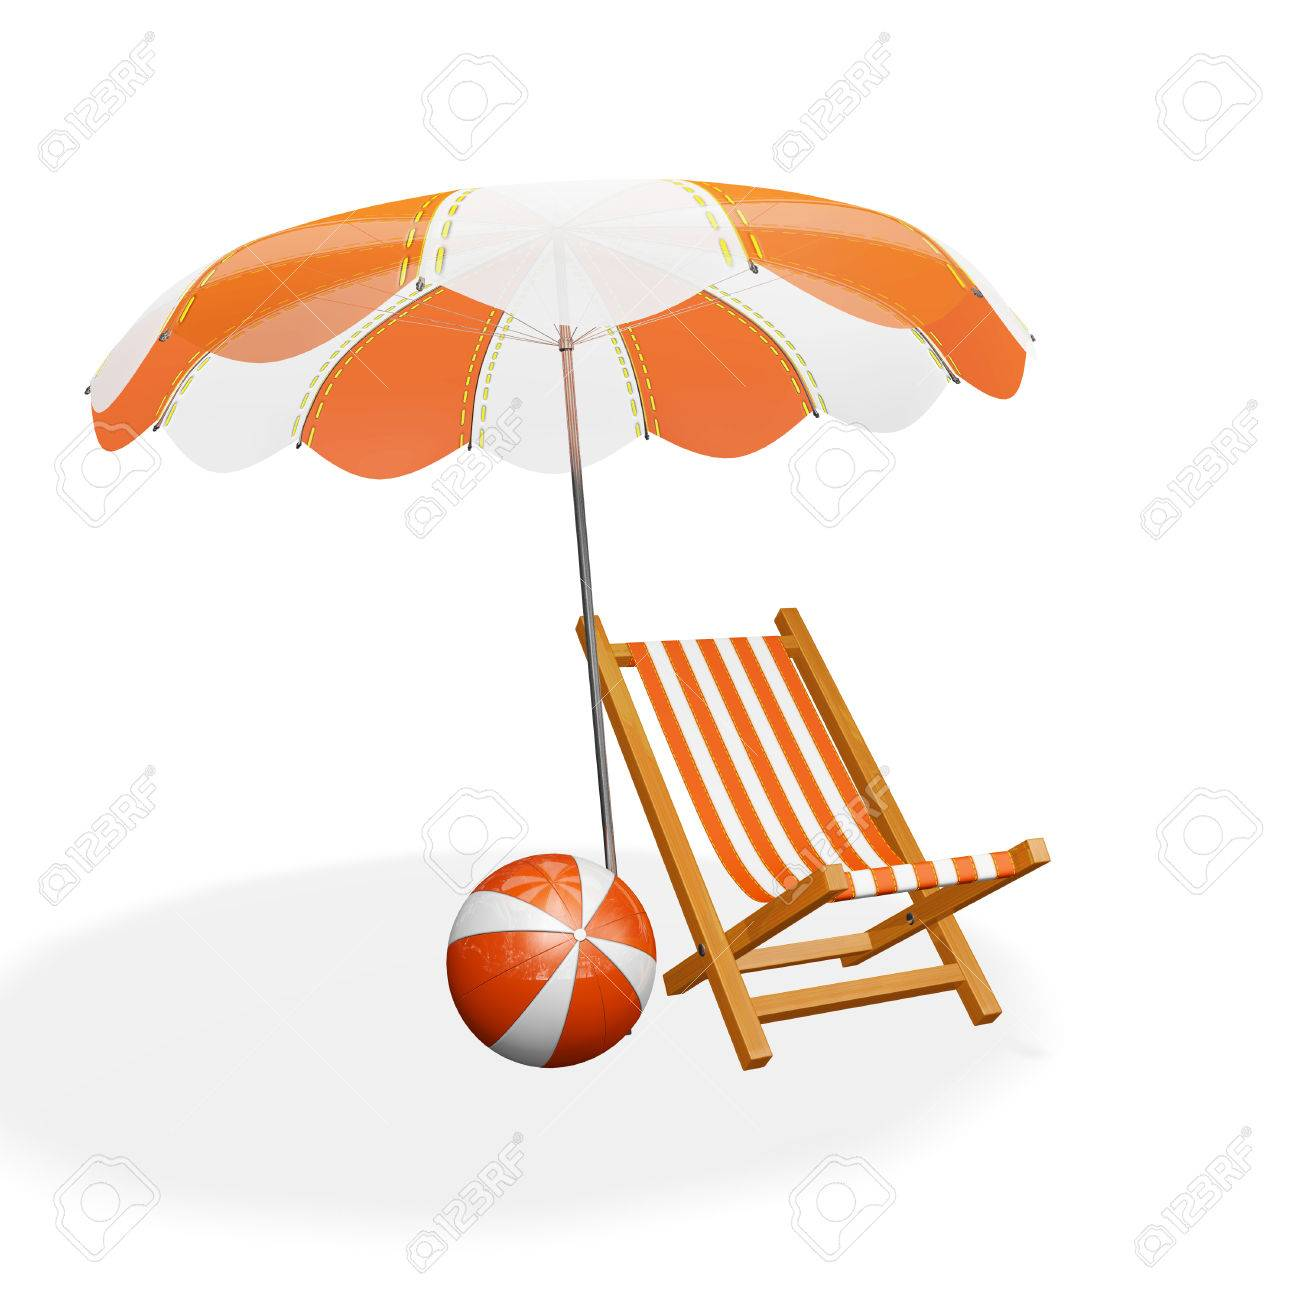 Una Ilustración 3D De Una Silla De Playa Descansando Rayas Naranja Y Blanco  Bajo Un Parasol Y Una Pelota De Playa Situada Cerca De Ella d18dbdc90ede